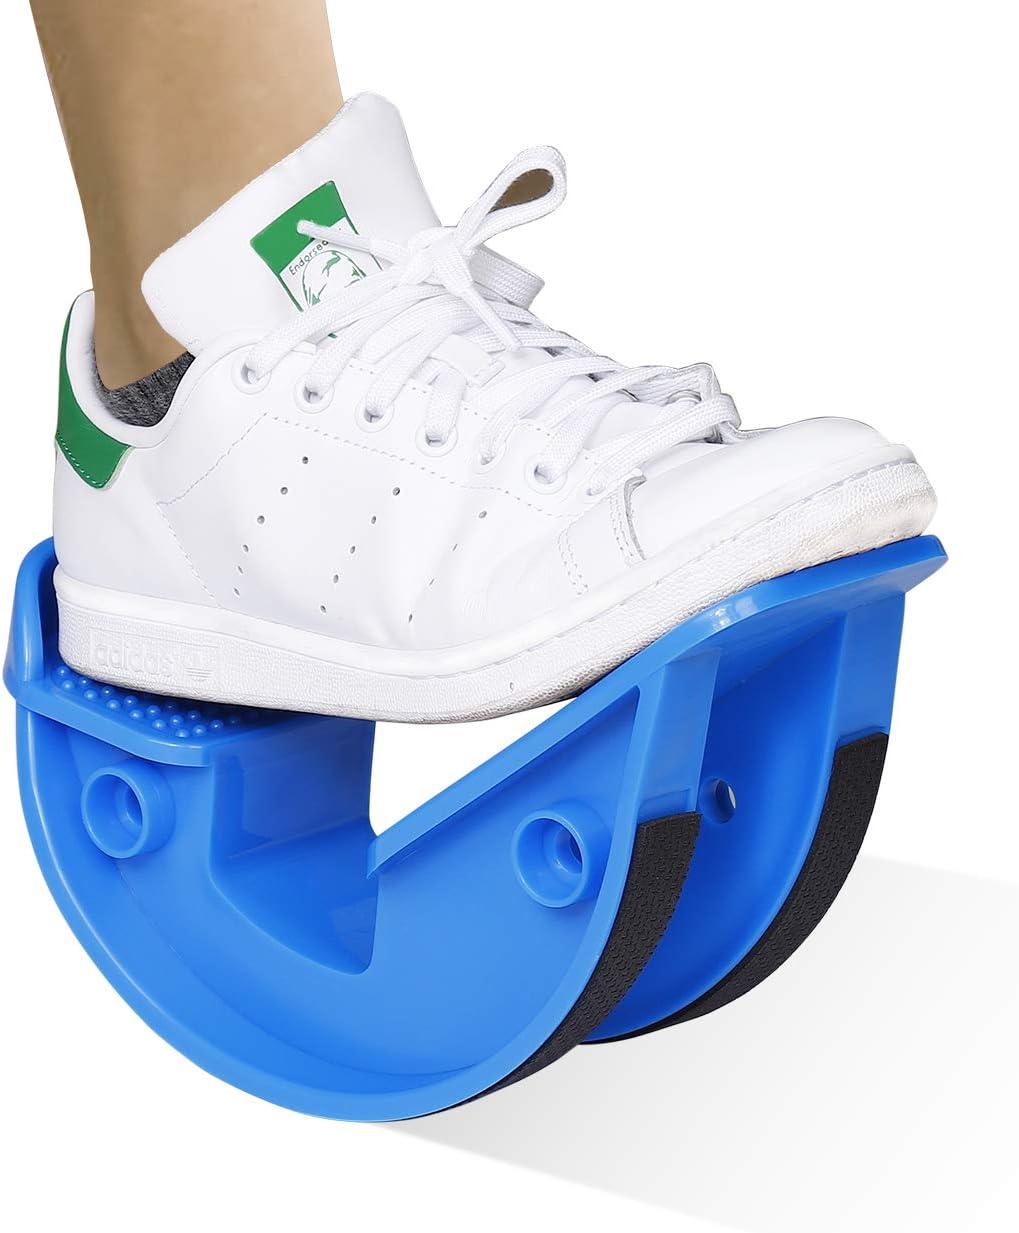 MengH-SHOP Foot Rocker Calf Profesional Camilla De Pantorrilla Pedal de Fitness Tendinitis de Aquiles, Talón, Alivio del Dolor de Fascitis Plantar, Excelente para Atletas Fisioterapia (Azul)